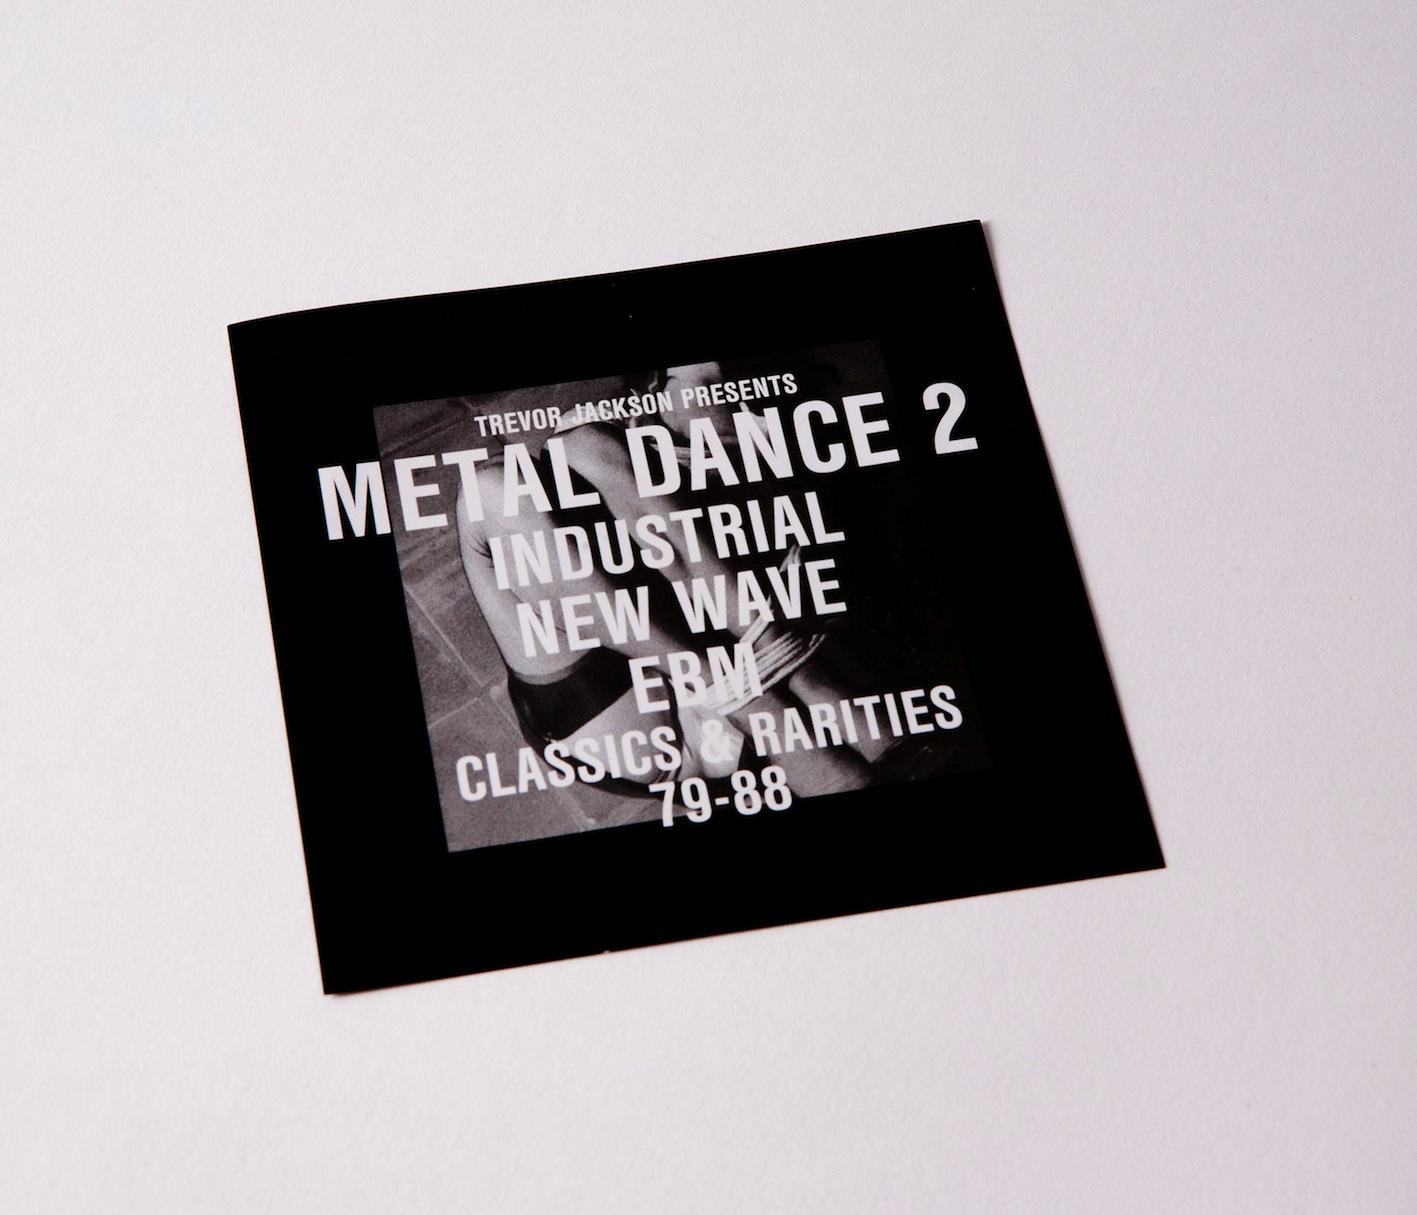 Trevor Jackson, Metal Dance 2, Strut, Review, Test Pressing